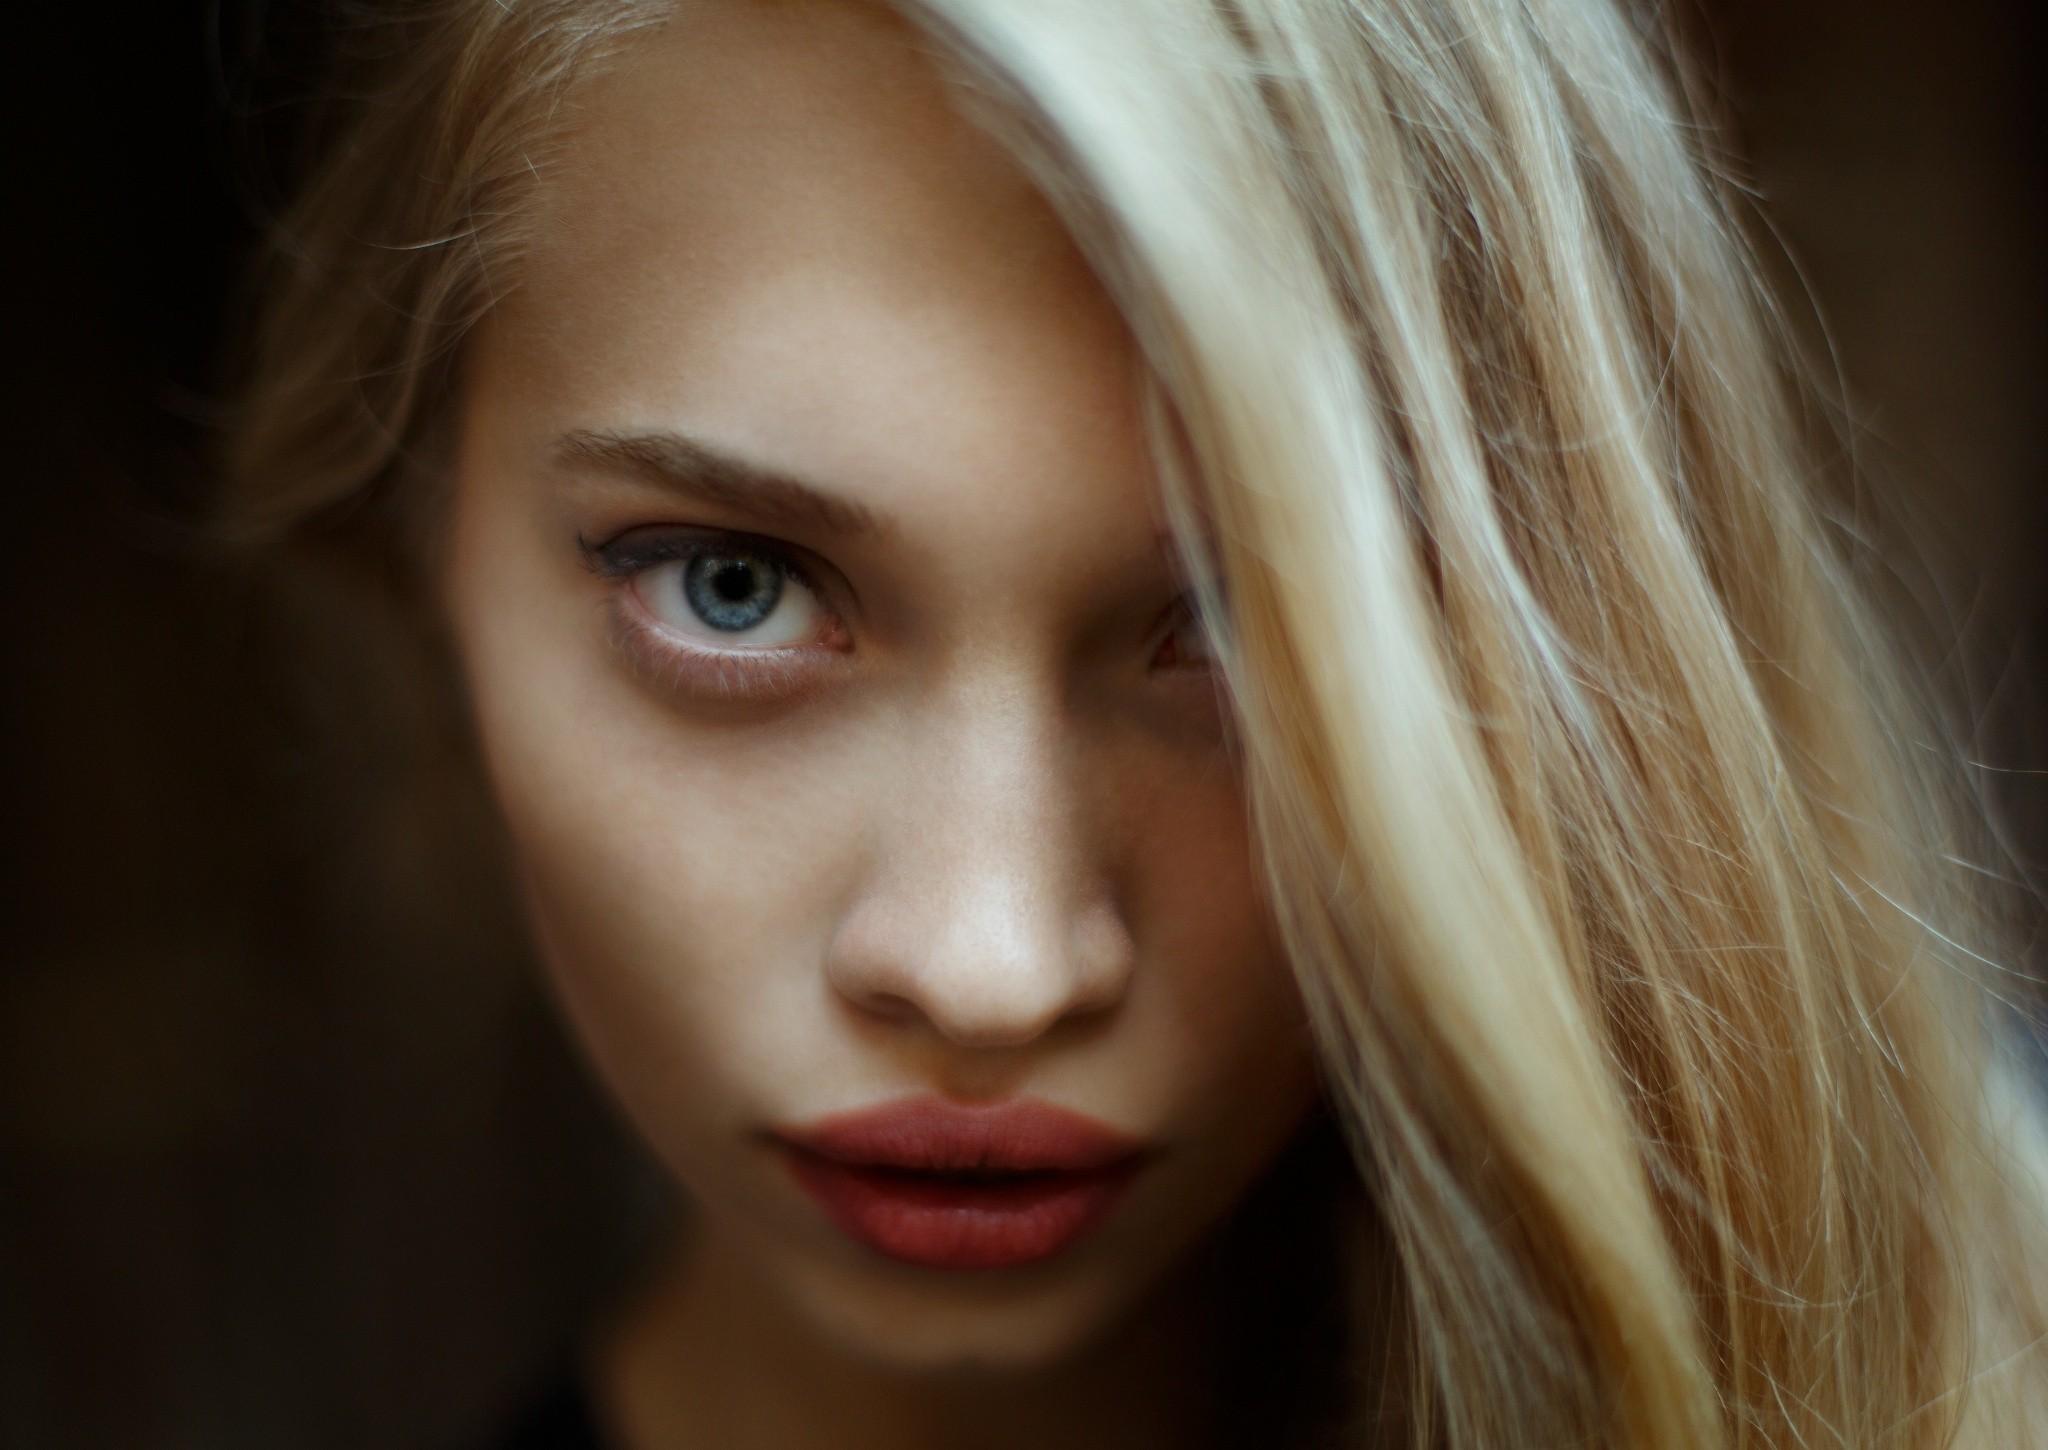 juicy lips women blonde face blue eyes portrait